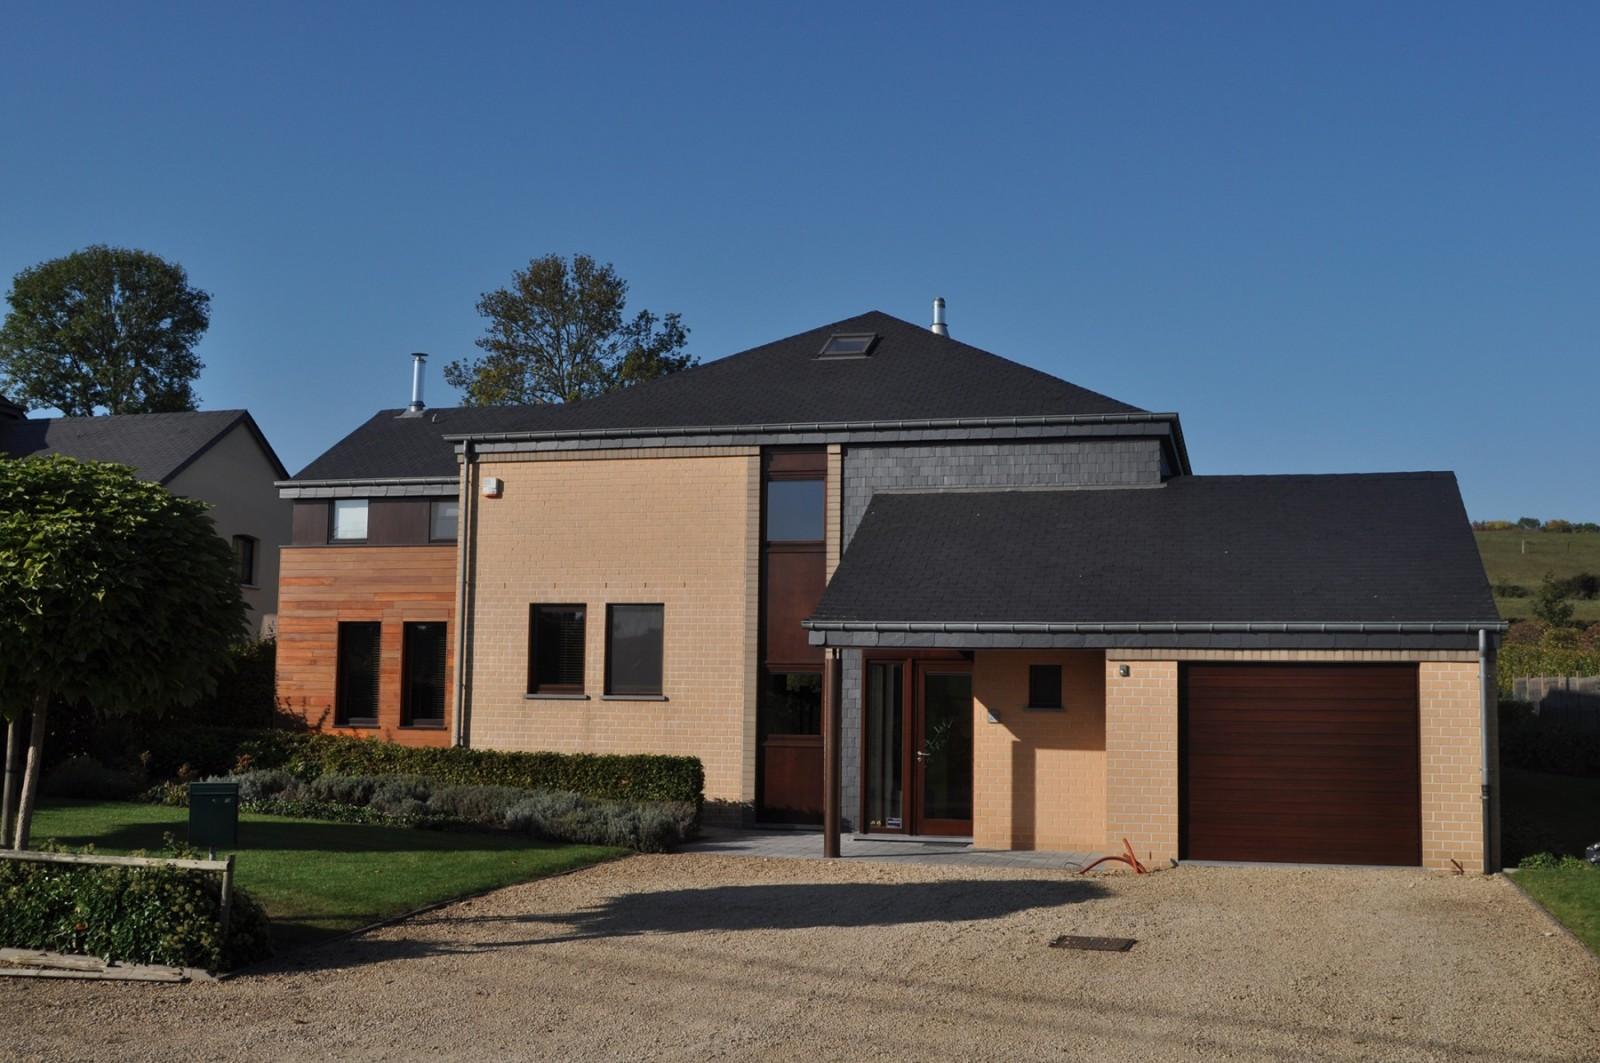 Portfolio rive gauches architectes for Construction extension maison